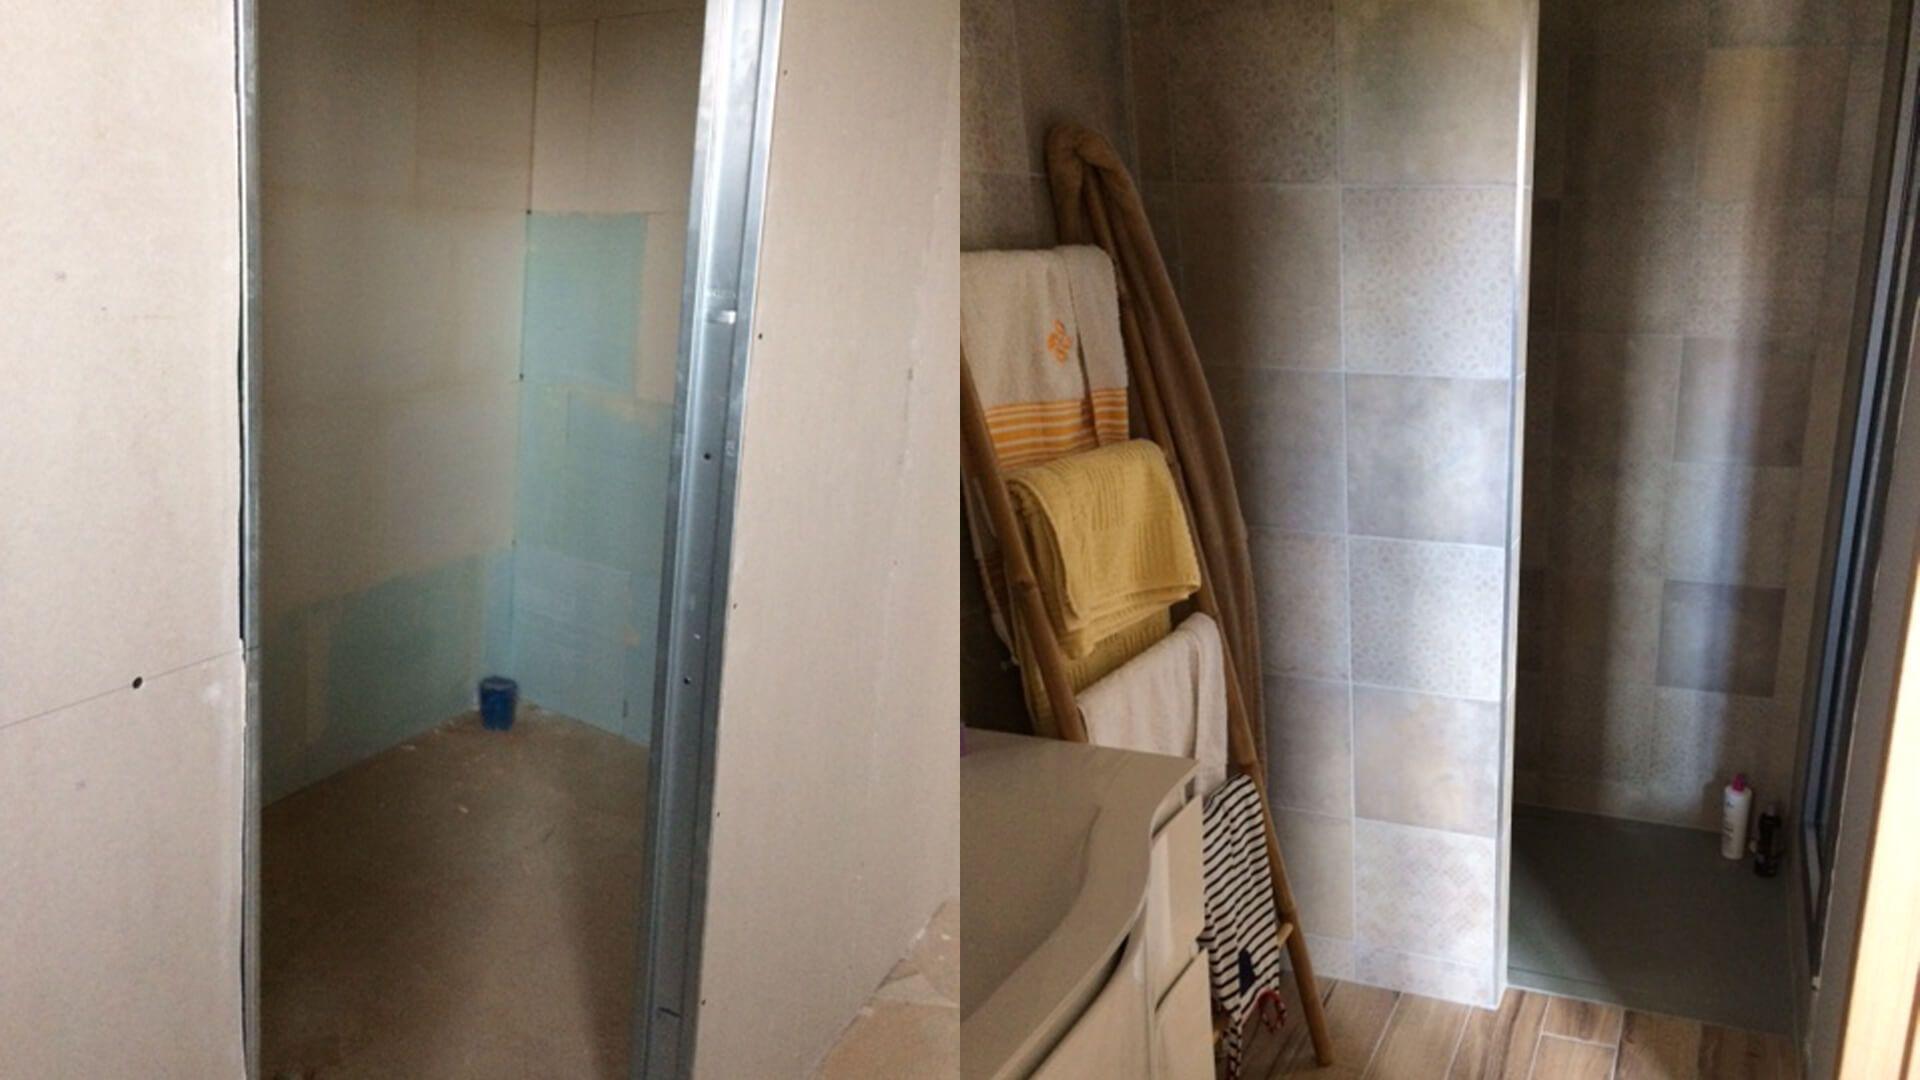 Rénovation Salle De Bain Avant Après rénovation d'une salle de bains des années 70 : avant / après